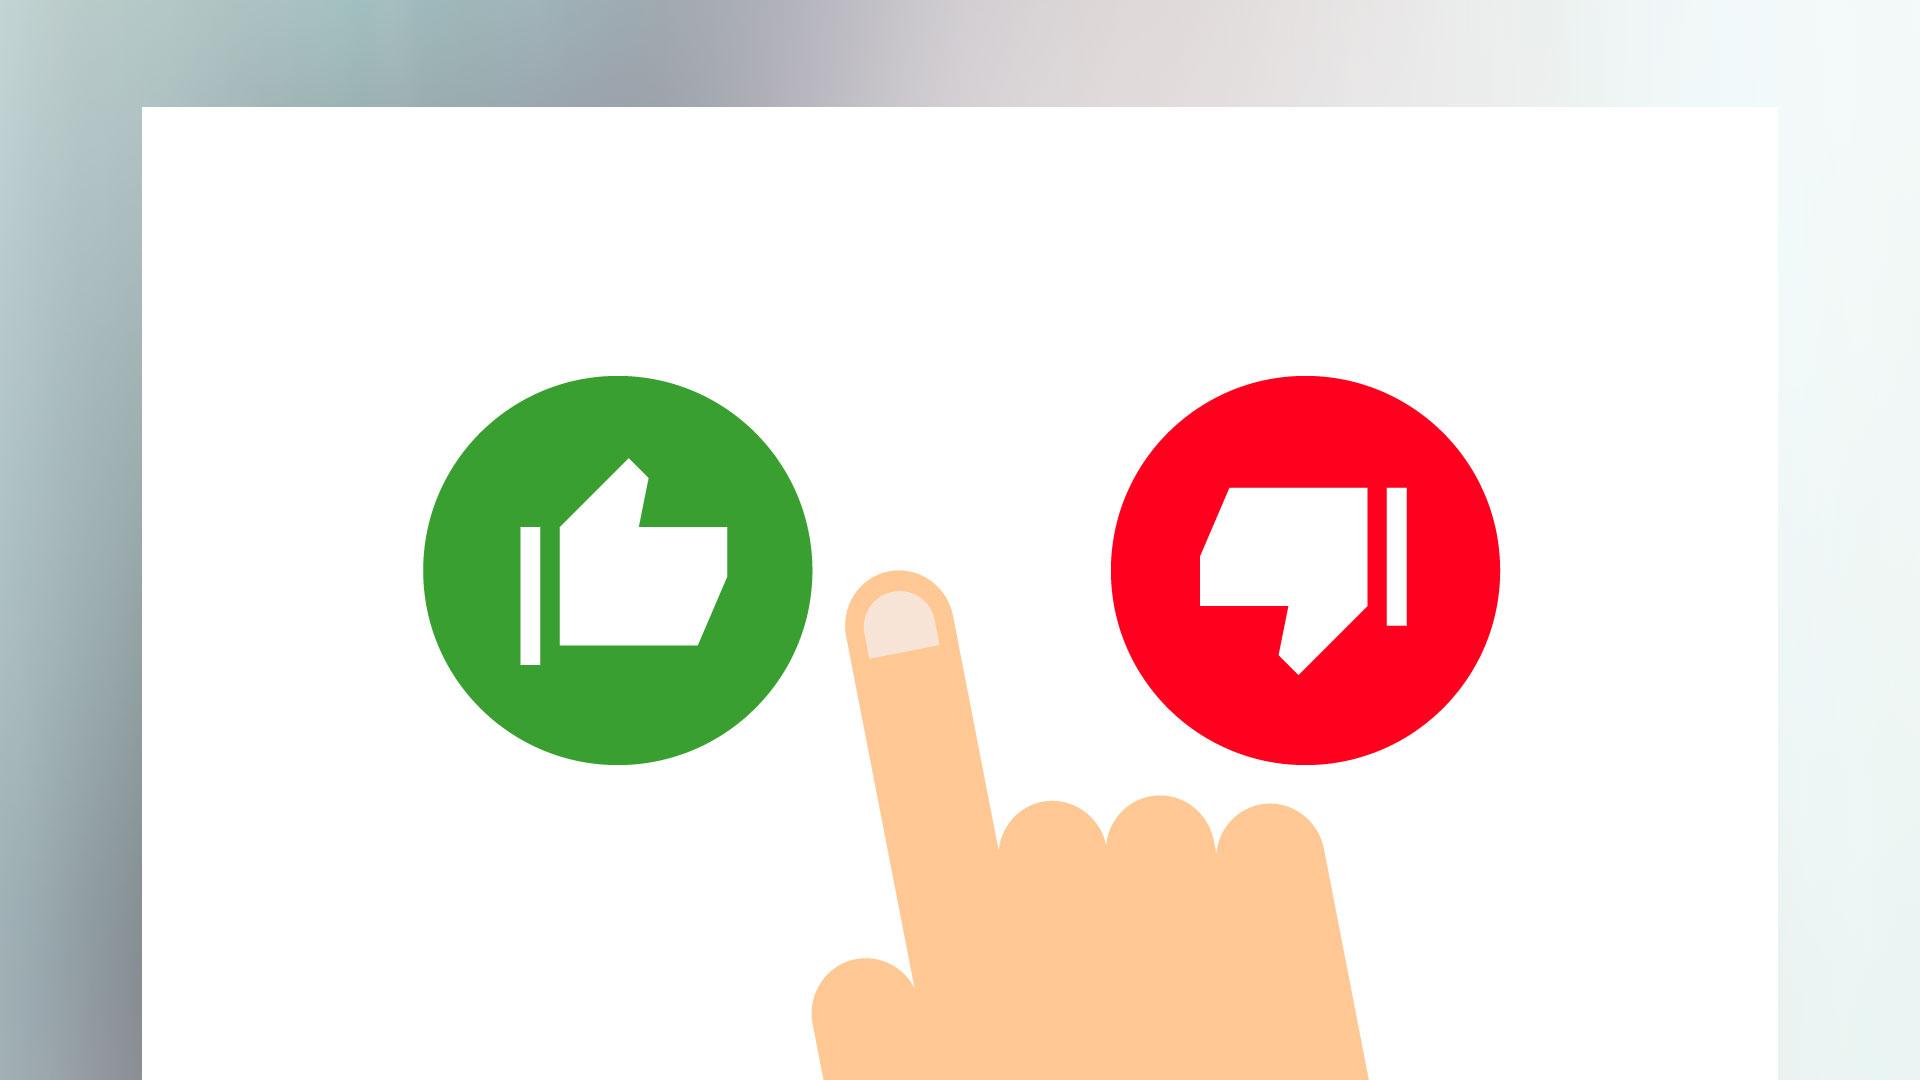 Tjek dit parti: Hvilket parti stemmer i virkeligheden mest som dig?)